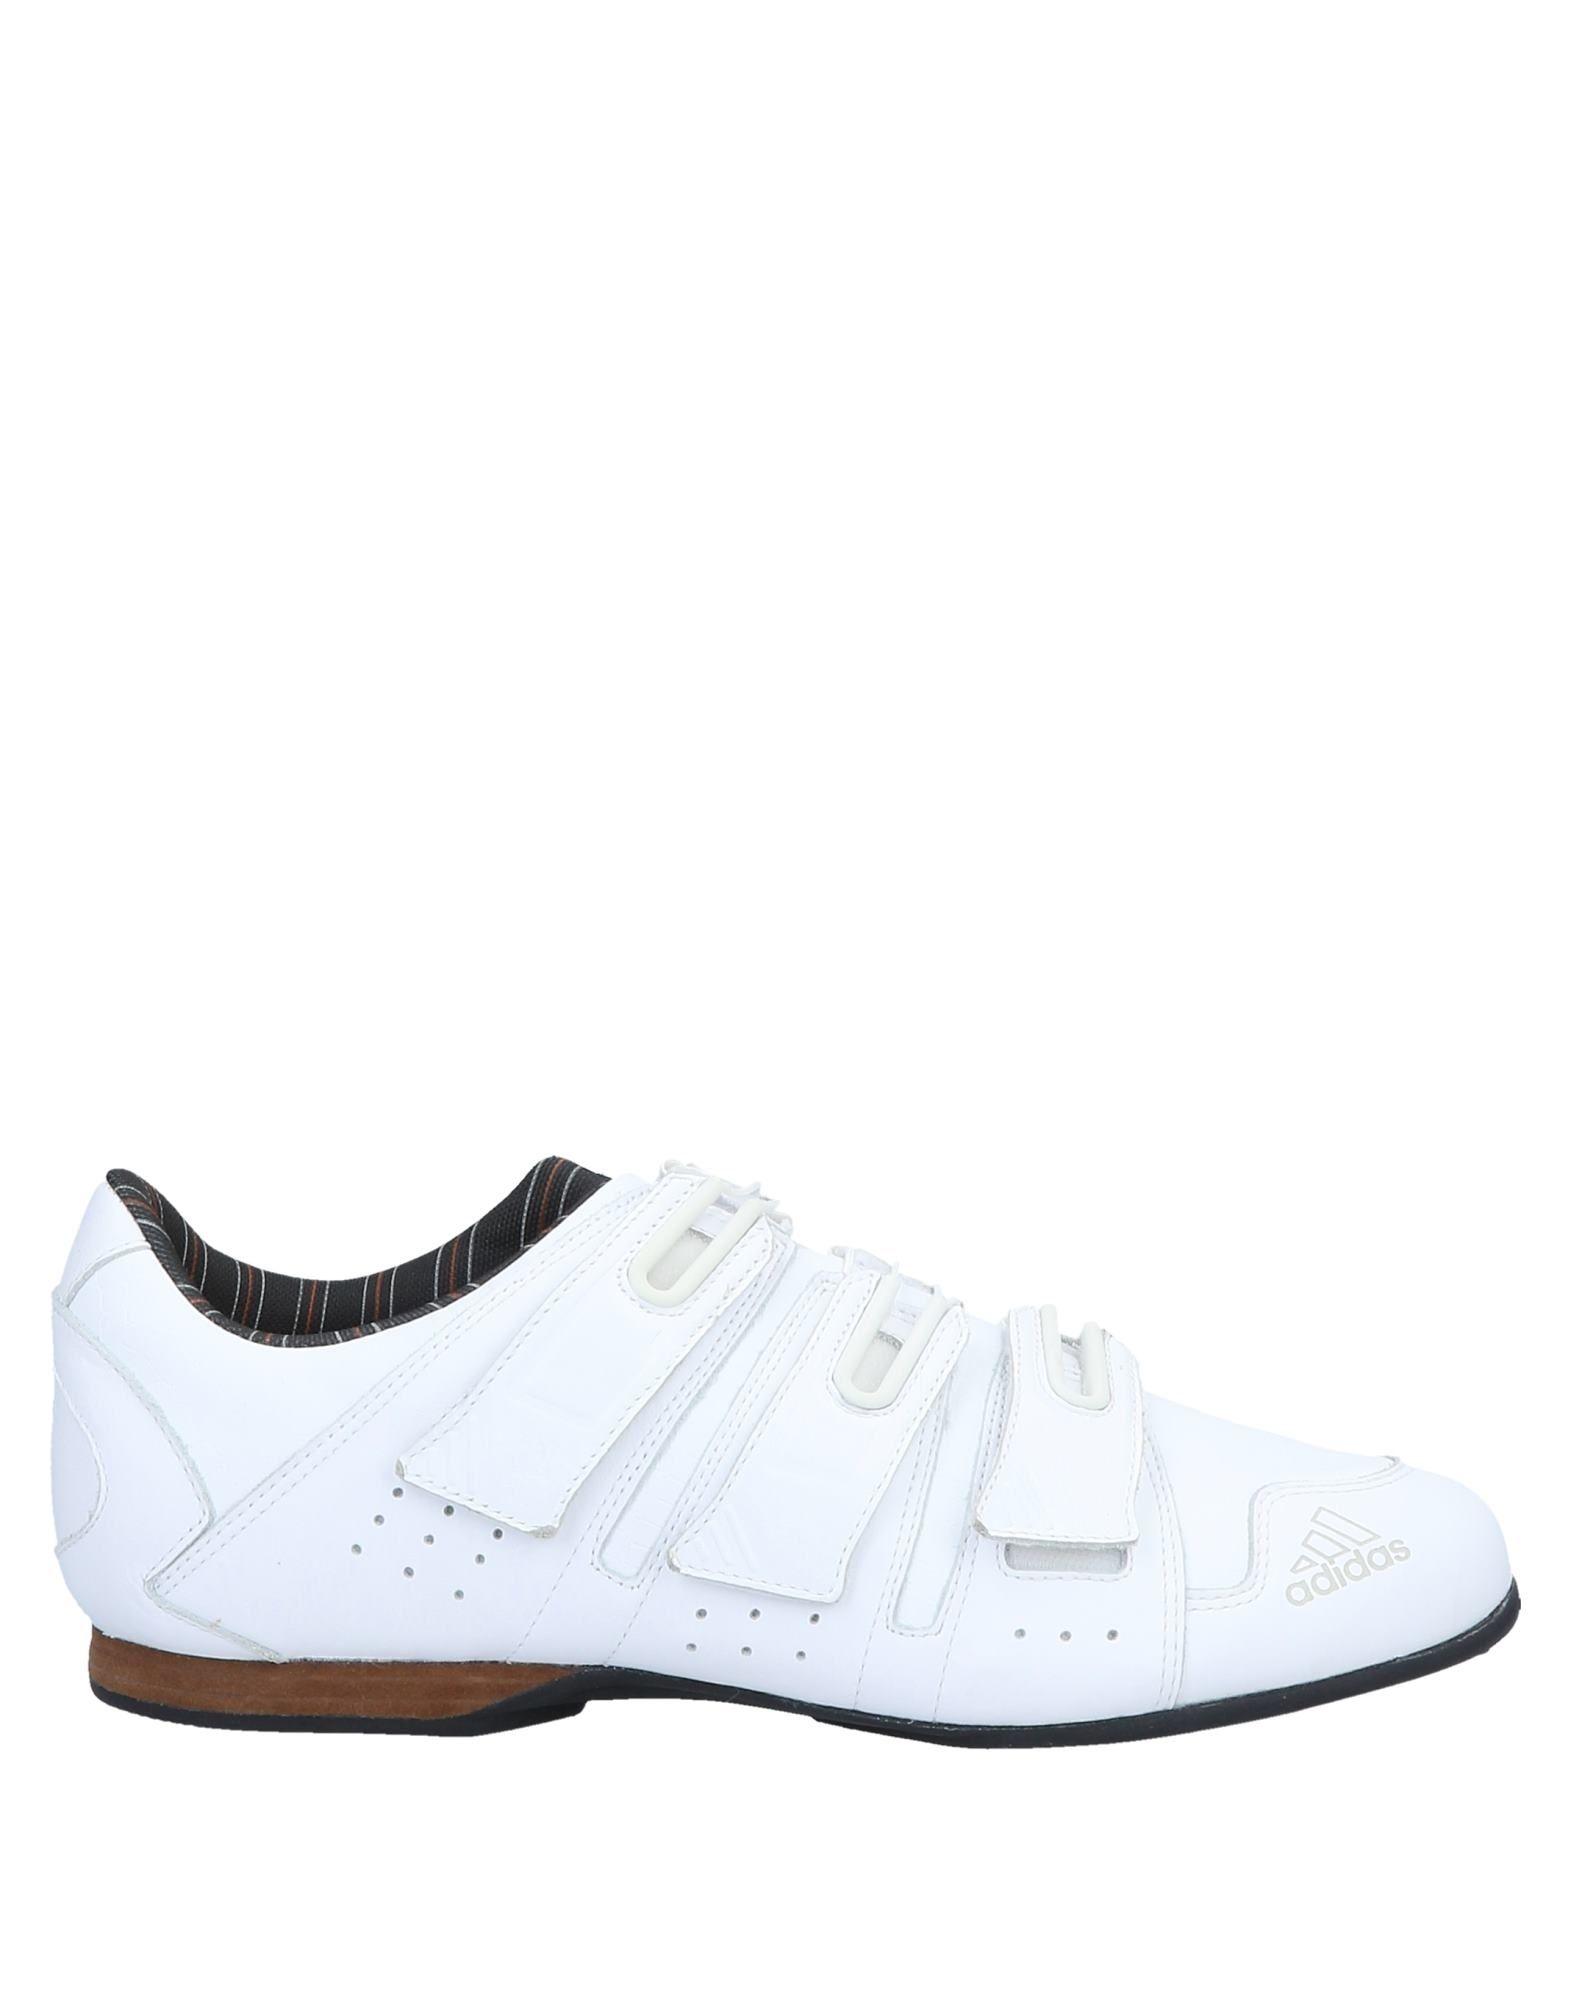 adidas climacool experience uomo scarpe da ginnastica review